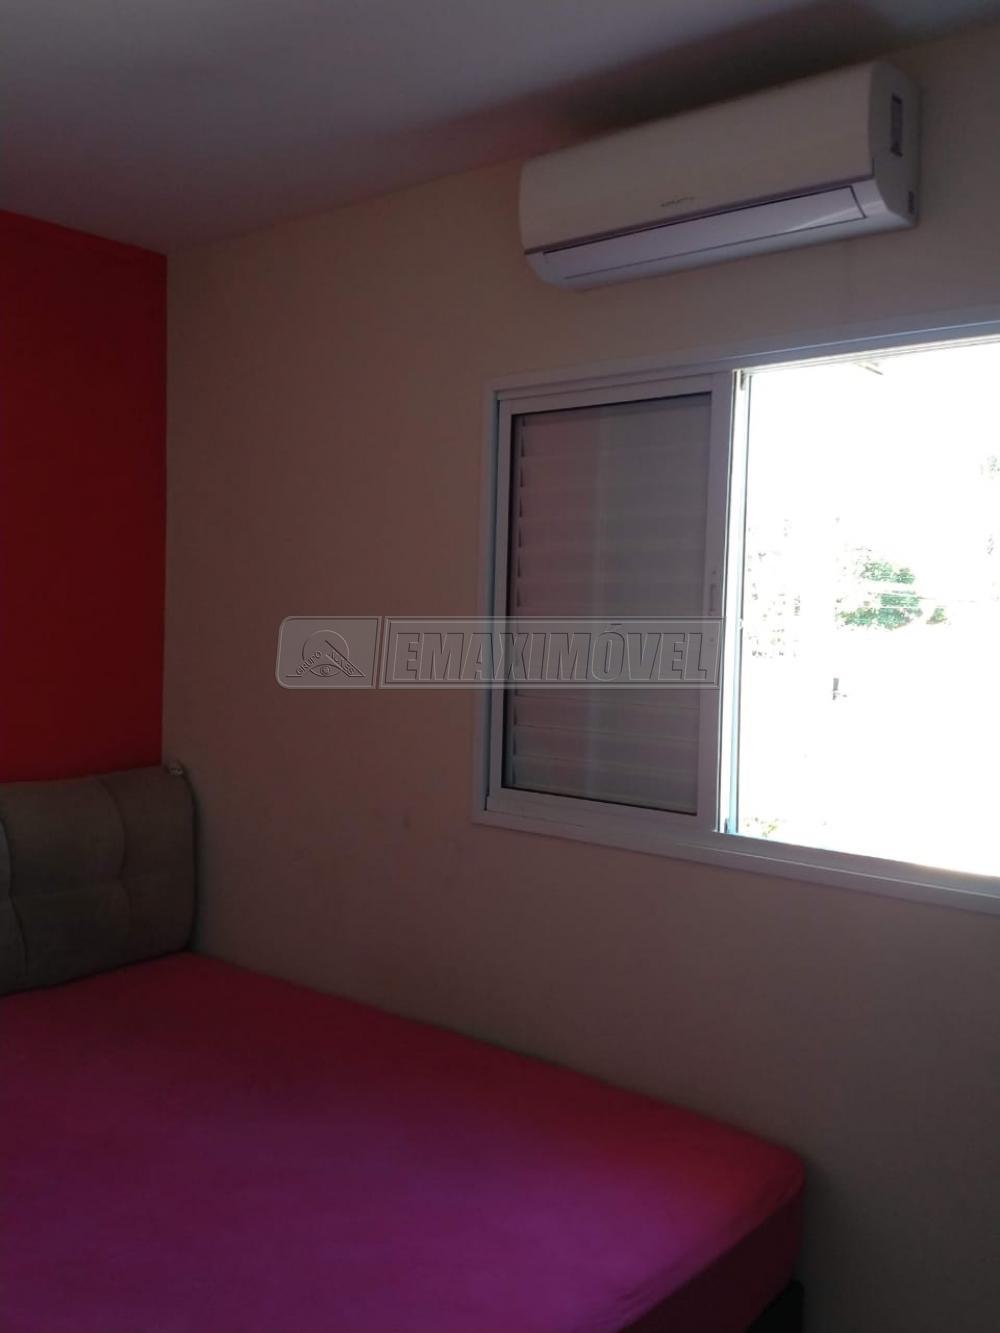 Comprar Casas / em Condomínios em Sorocaba apenas R$ 240.000,00 - Foto 10